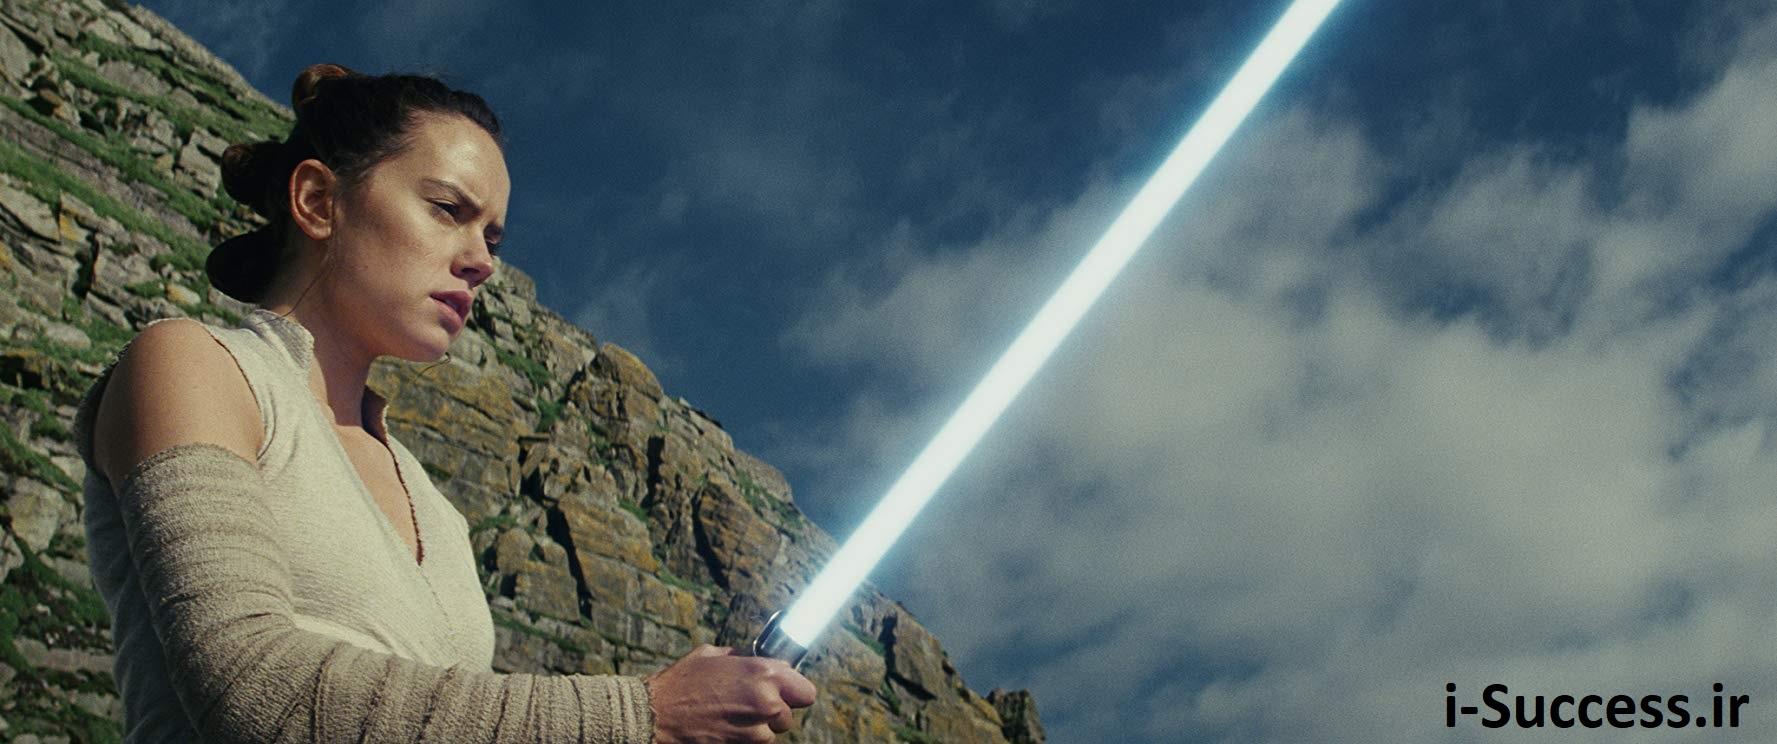 دانلود فیلم جنگ ستارگان Star Wars (پیشنهاد کوین ترودو)